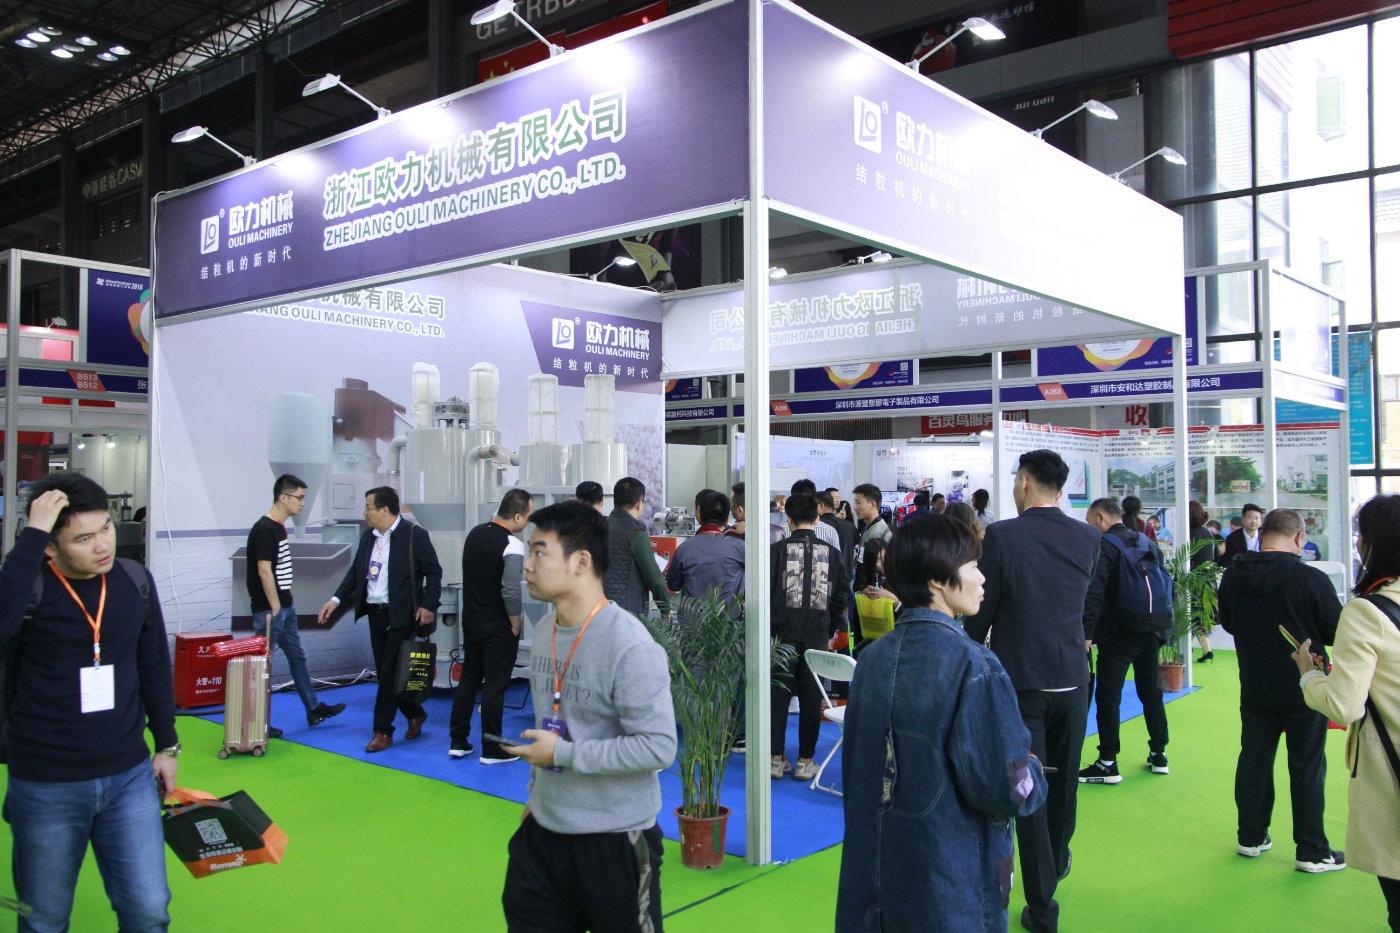 2018国际橡胶工业展在中亚会展中心1号馆举行